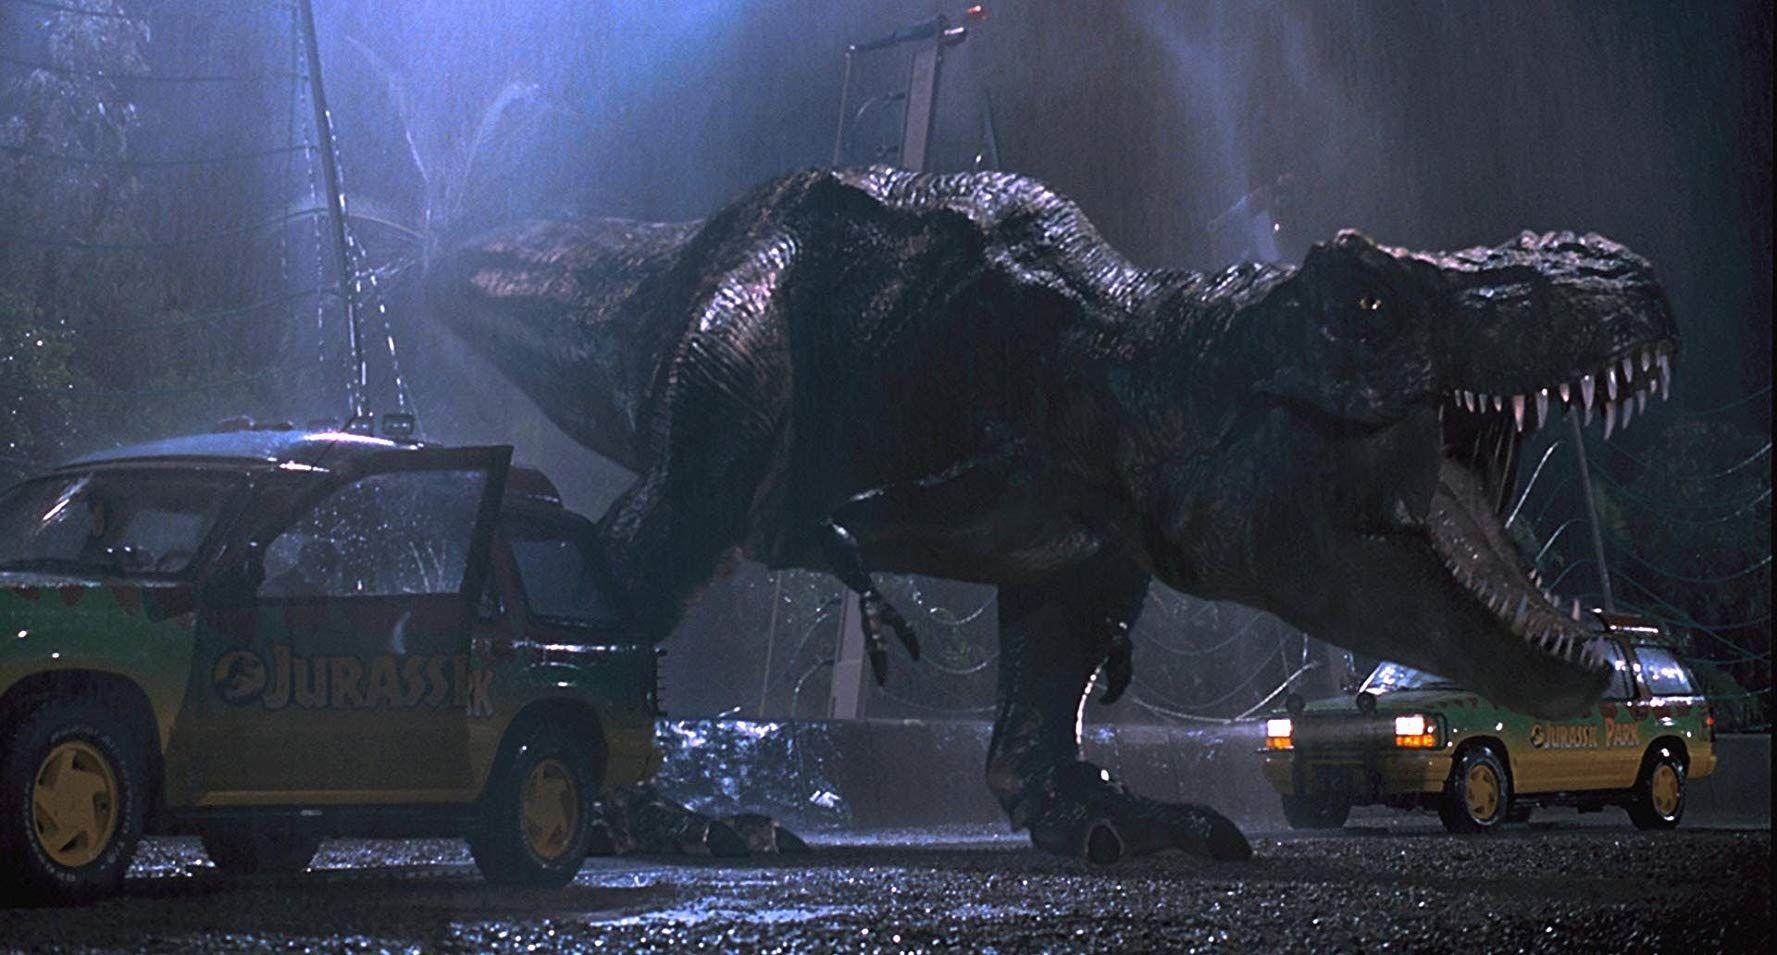 jurassic-park-tyrannosaurus